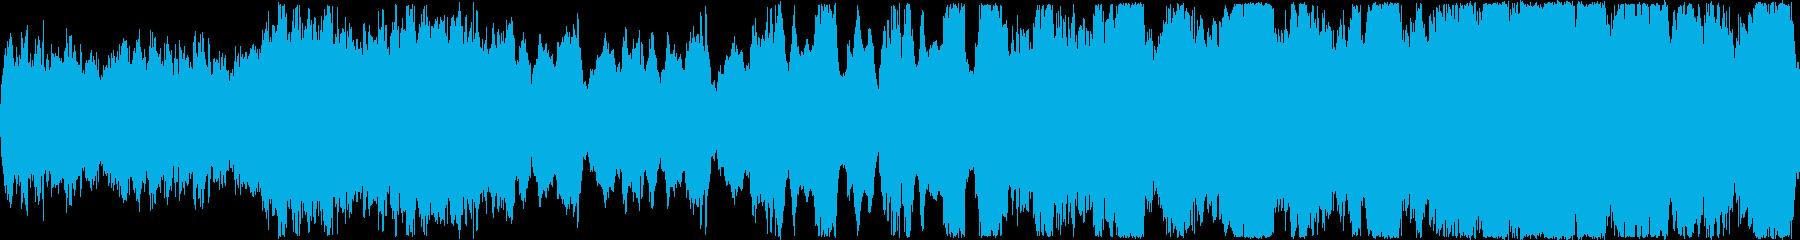 ファンタジー風のオーケストラ&ボーカル…の再生済みの波形